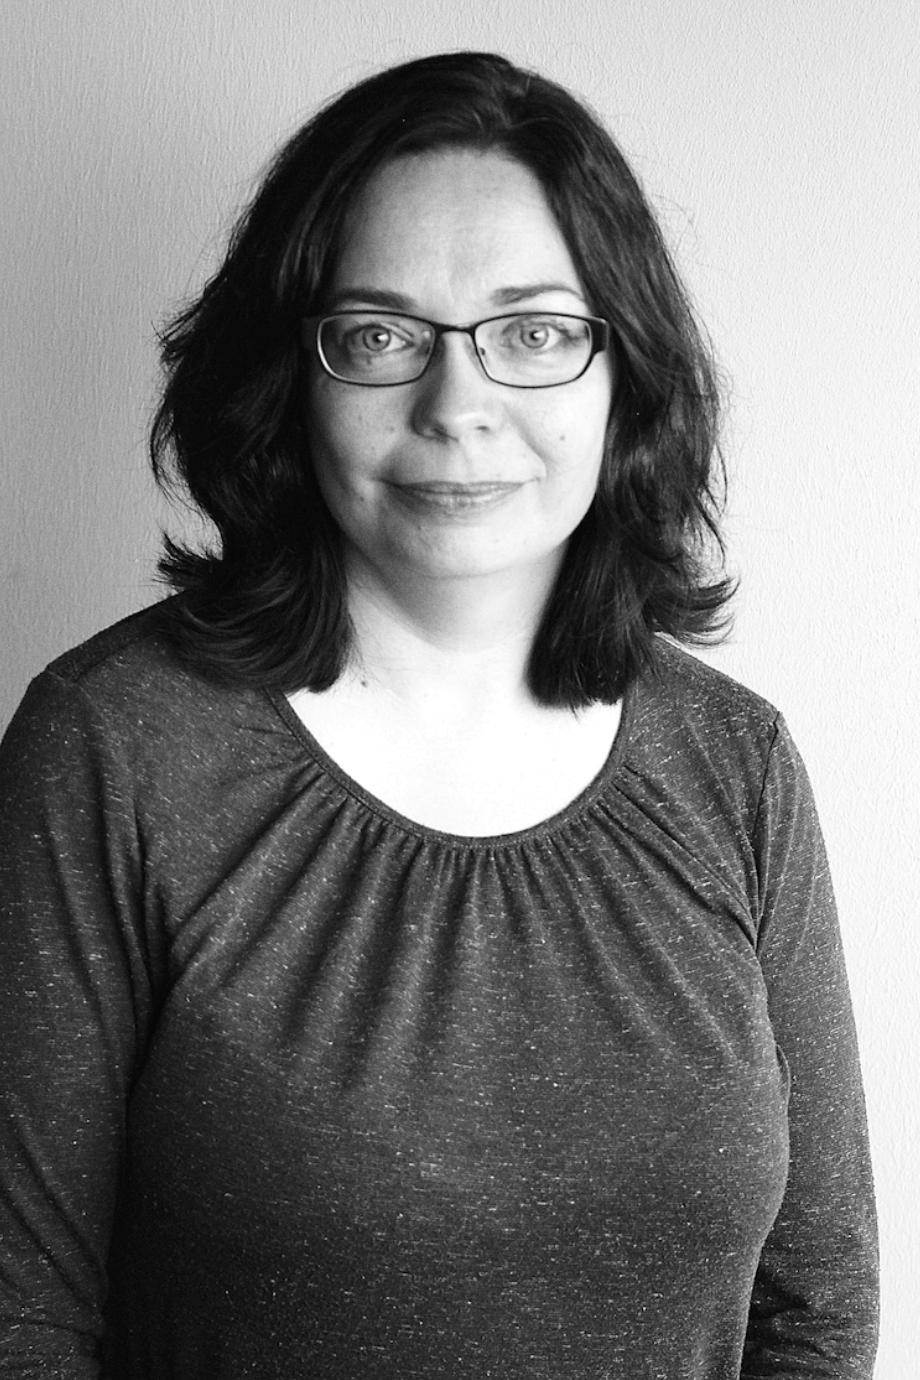 Anne Turula